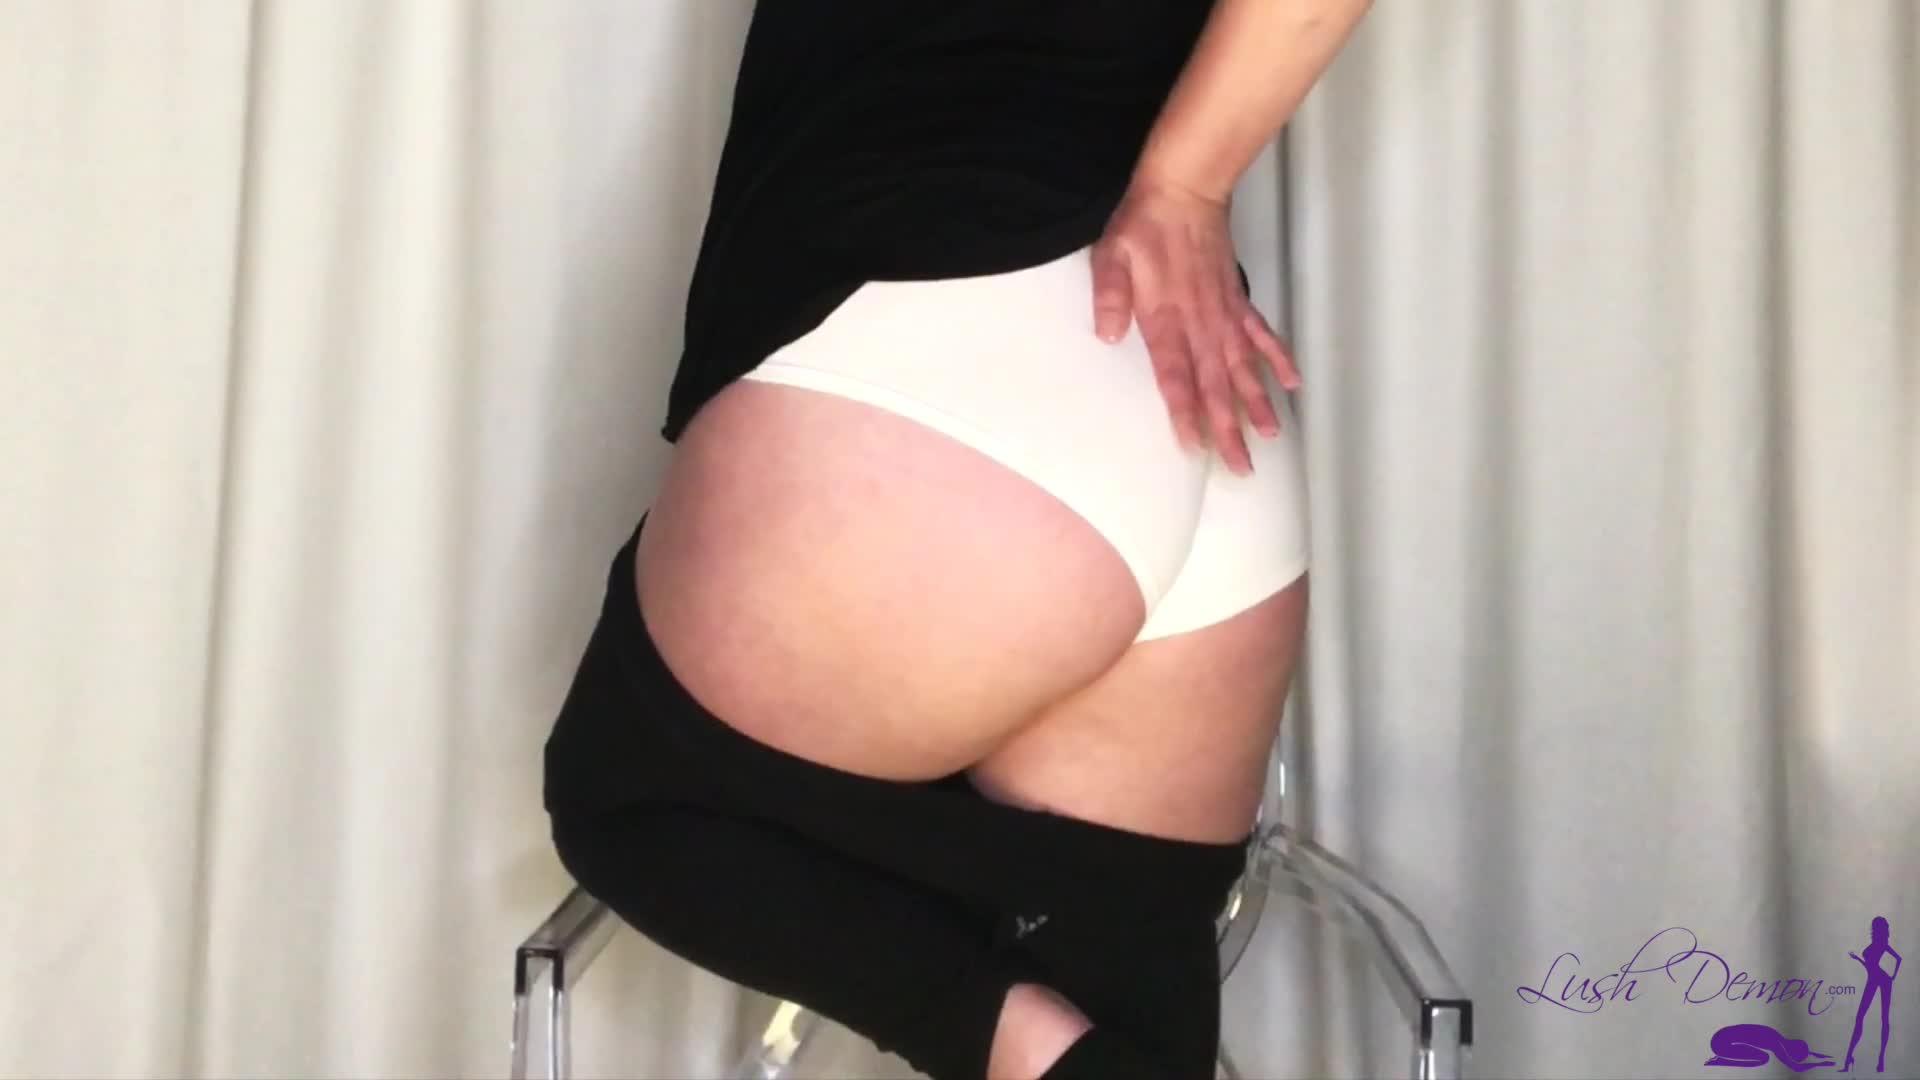 Chatzy Panties Photos